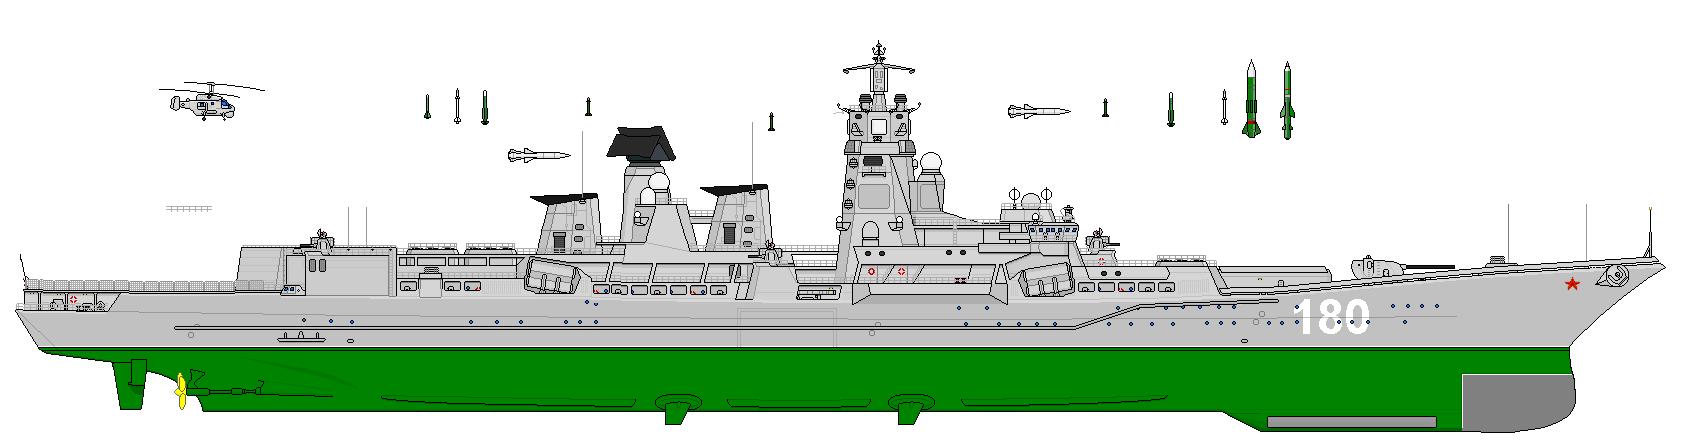 CGNPr1144kirovZSSRMod23